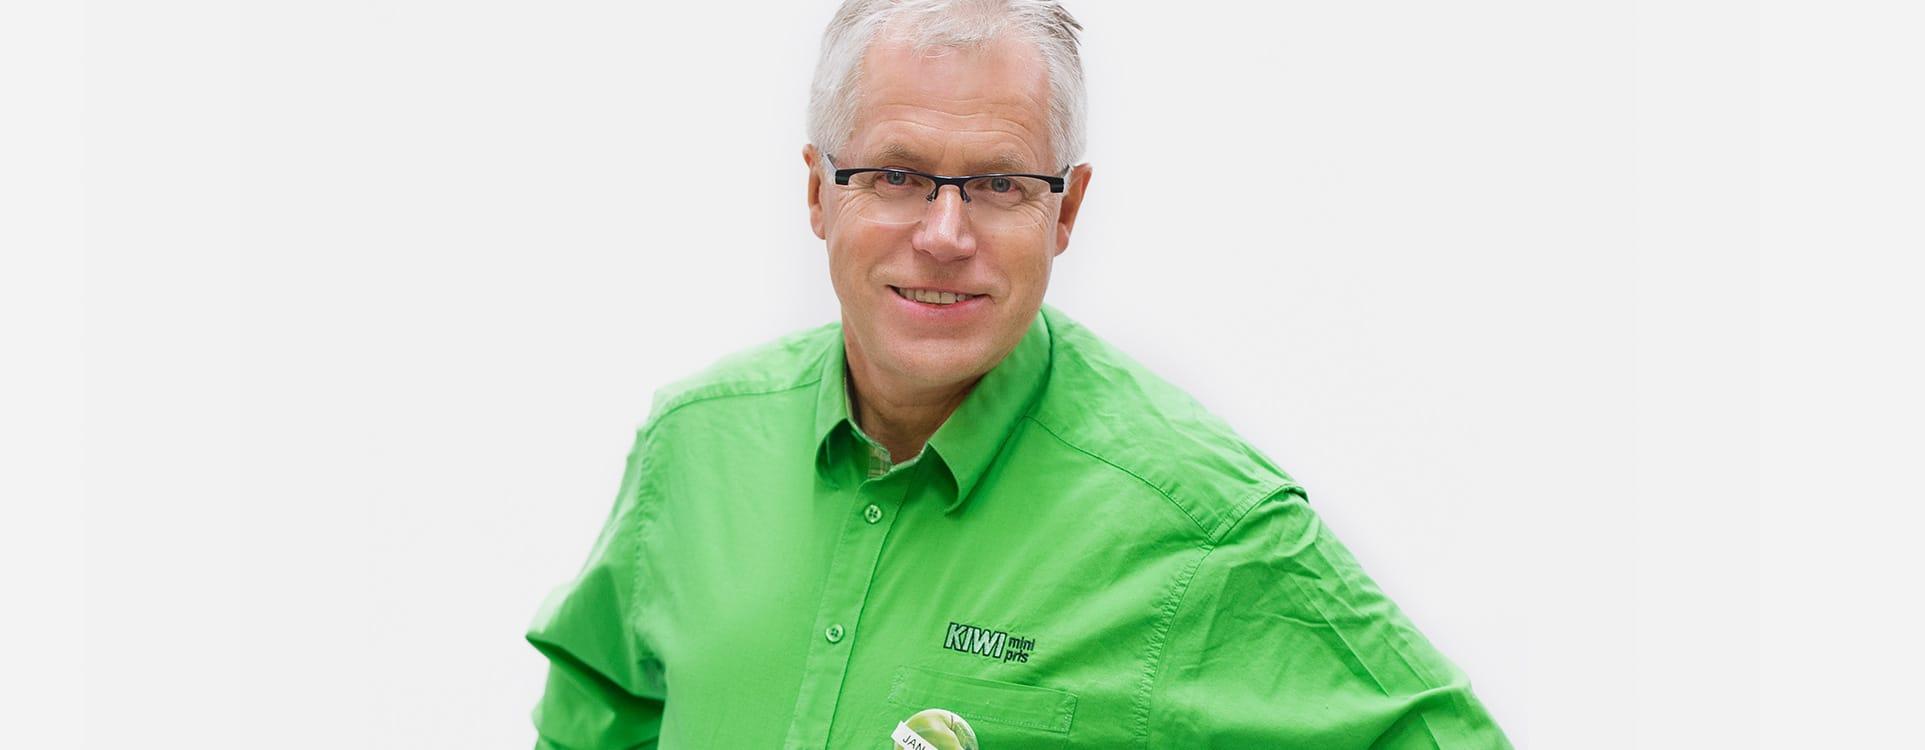 KIWI-sjef Jan Paul Bjørkøy sier at førsteplassen er en tillitserklæring fra kundene.